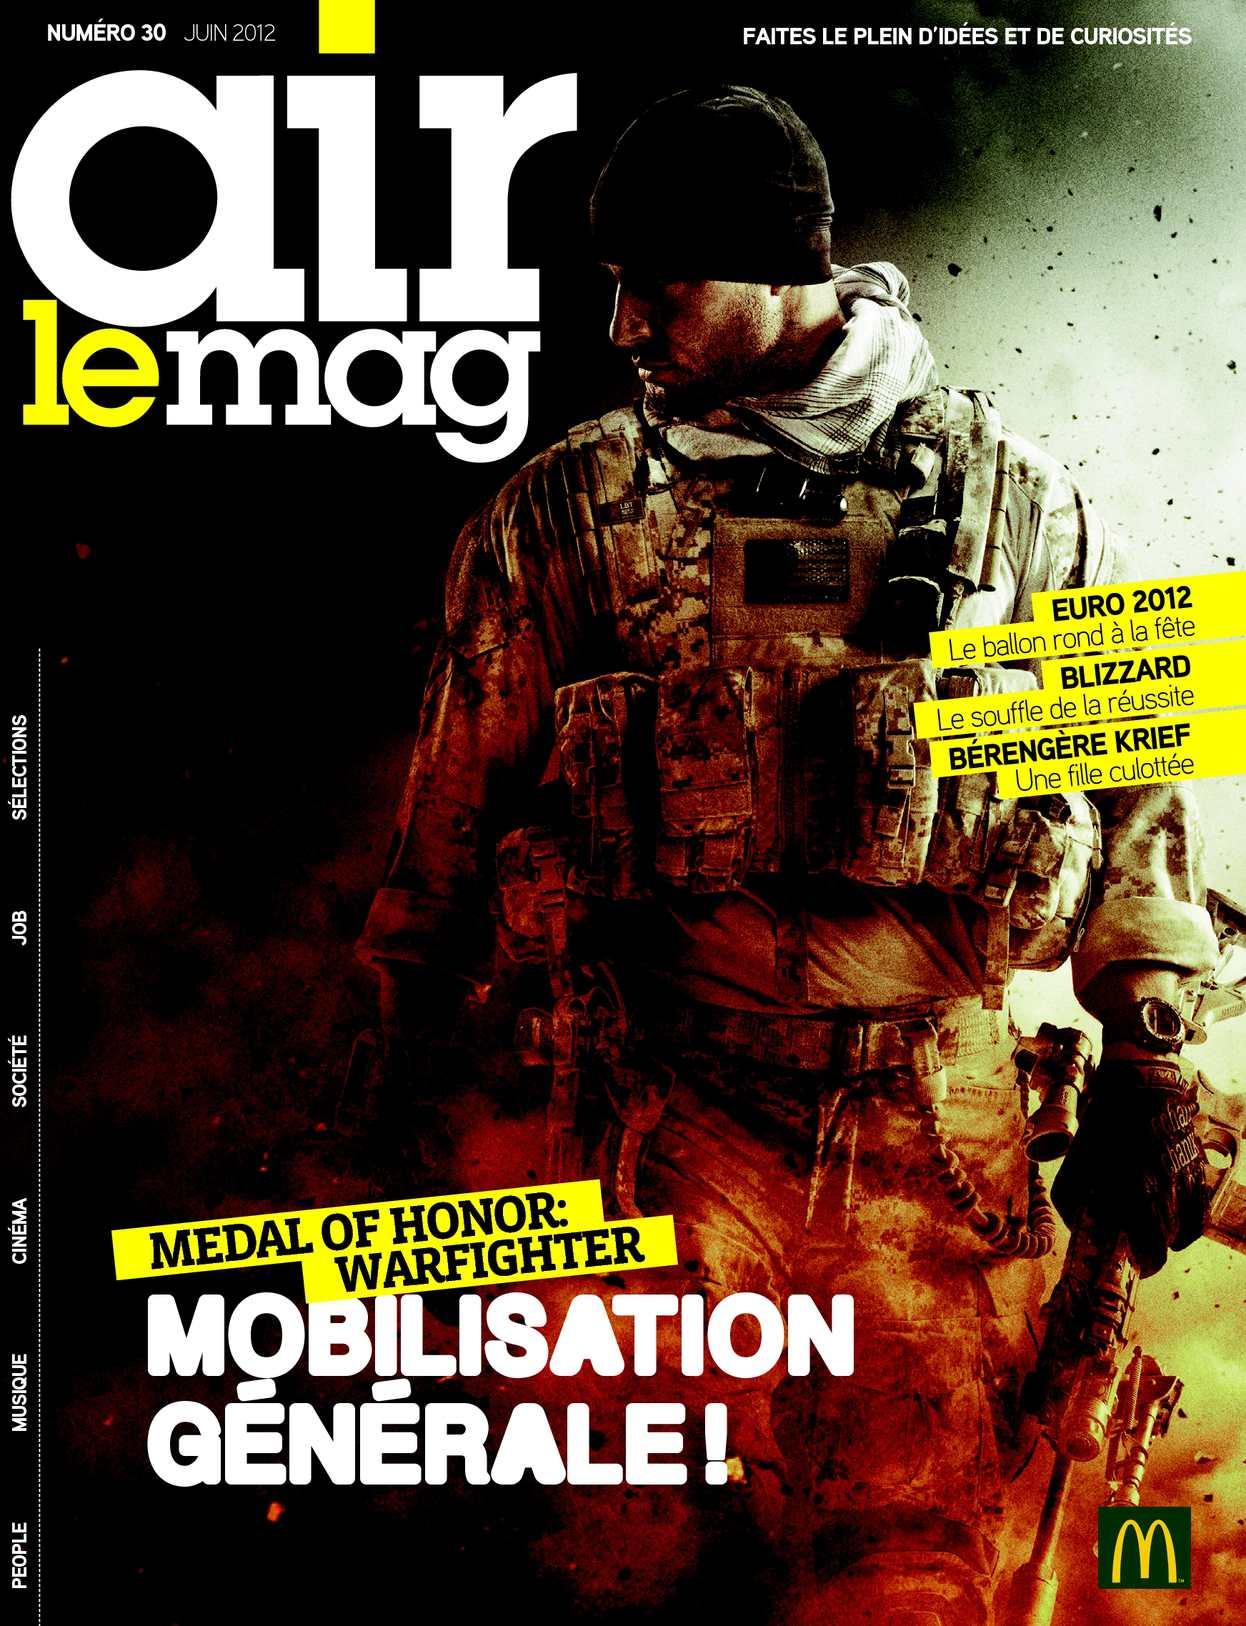 Call of Duty Black Ops 4 Jeu Vidéo Cadet Look déjà porté Réglable Chapeau